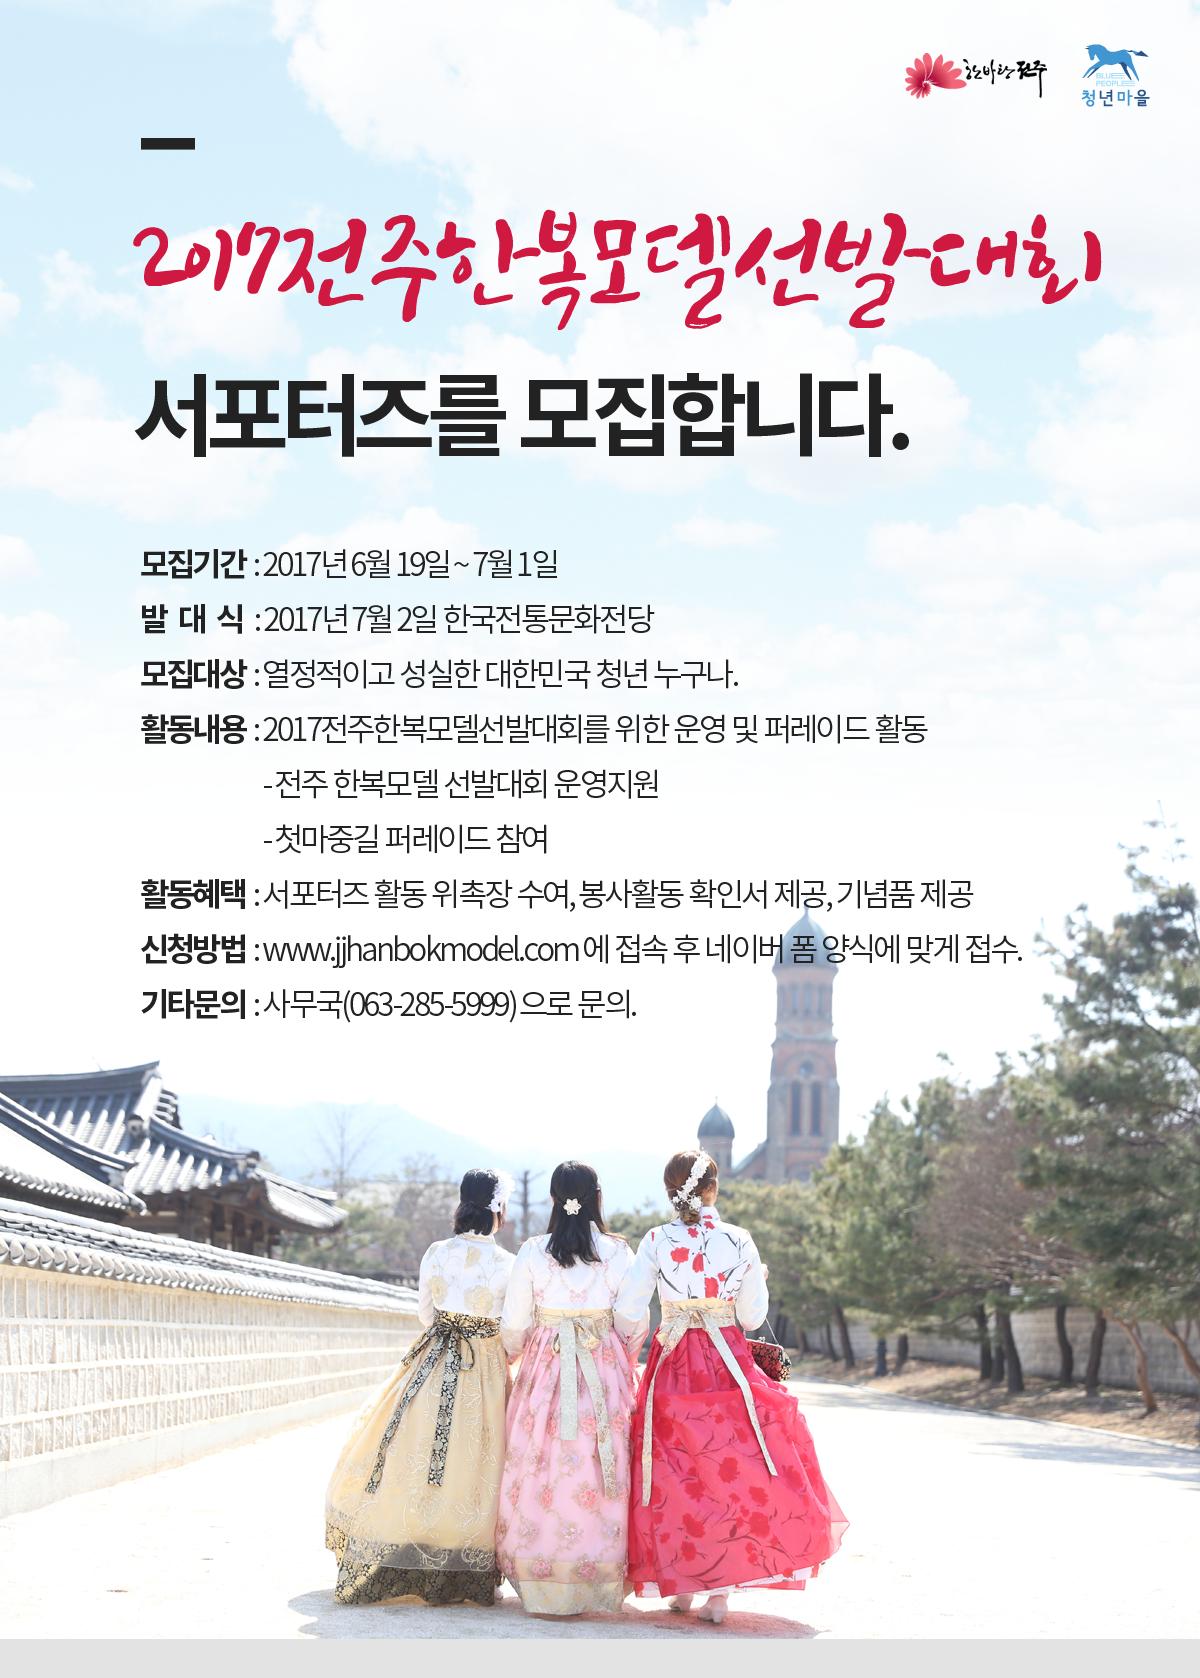 전주 한복모델 선발대회 서포터즈 1기 모집